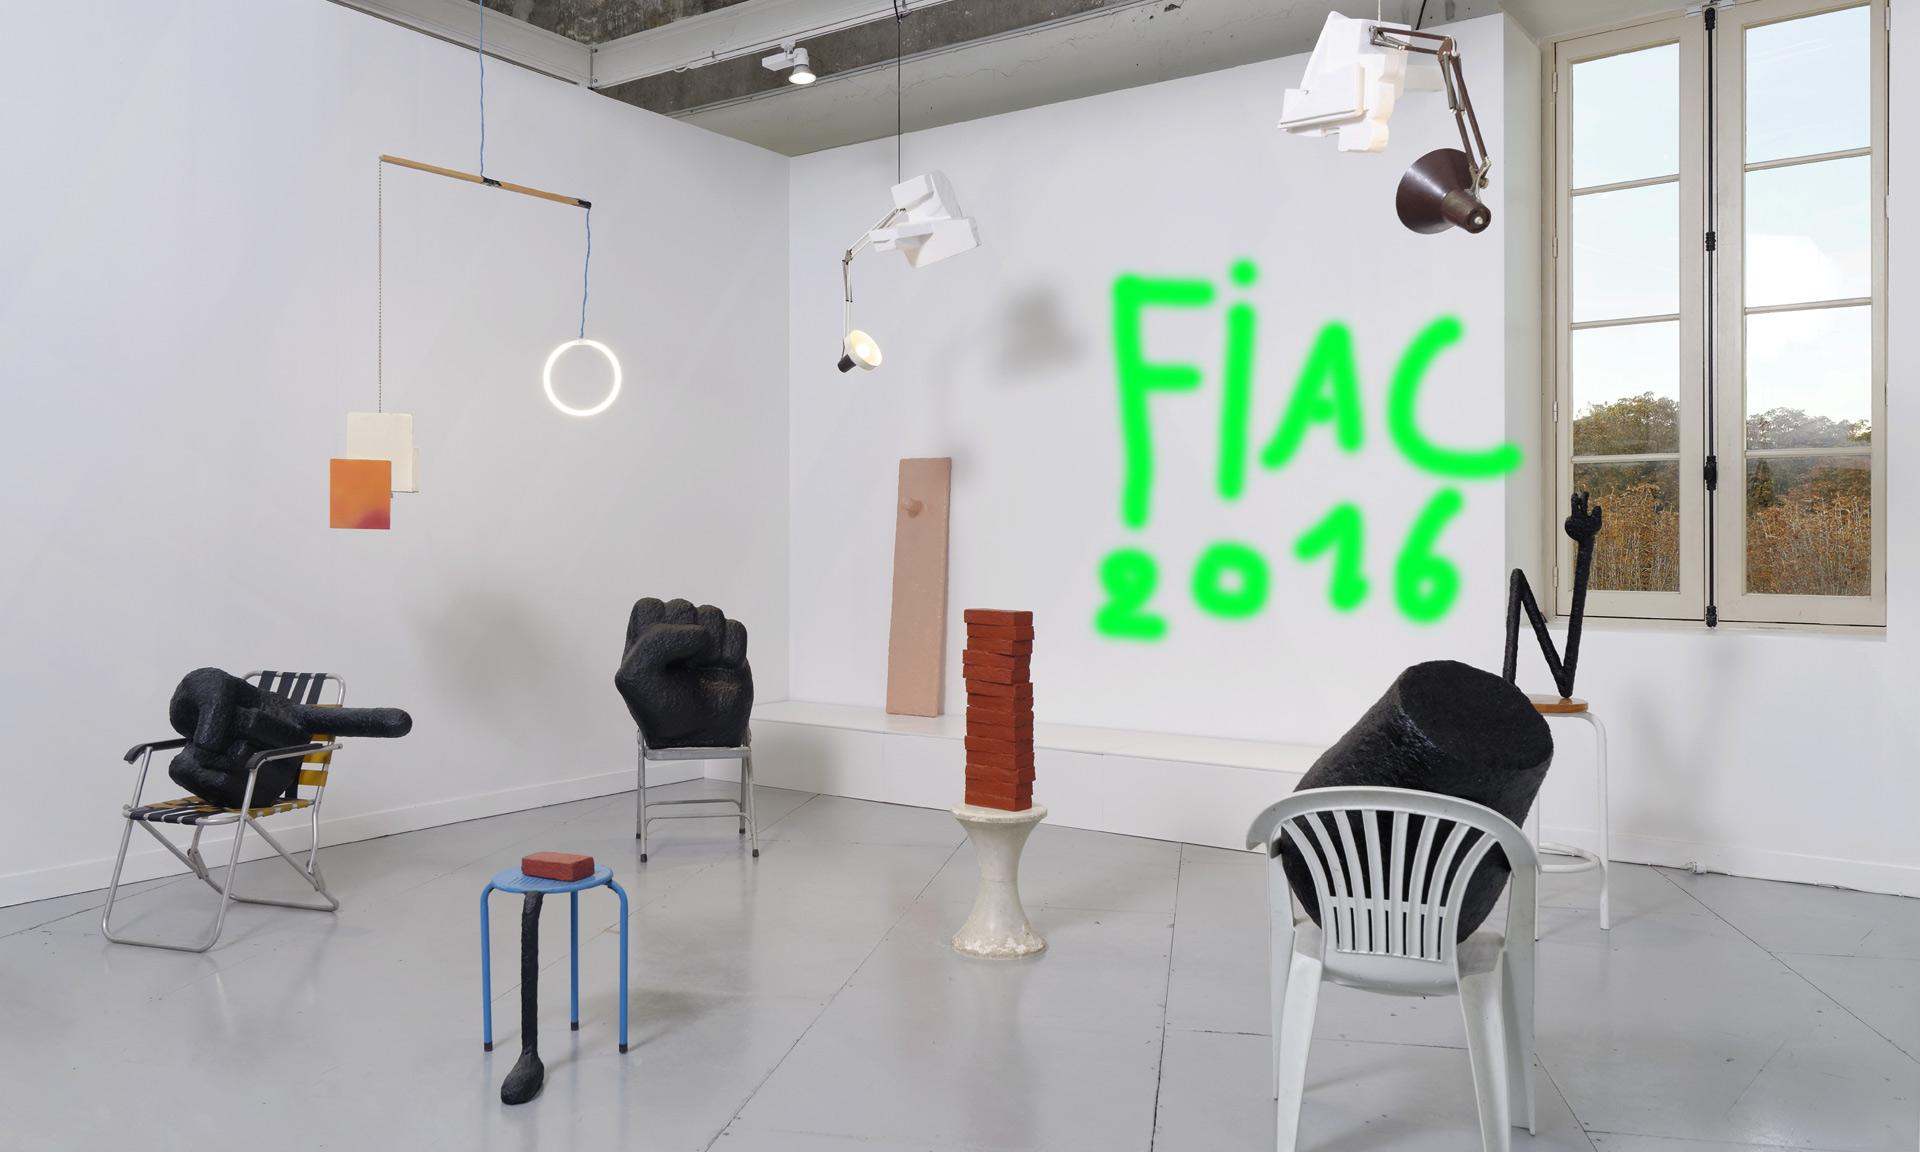 fiac-2016-allen-002-small